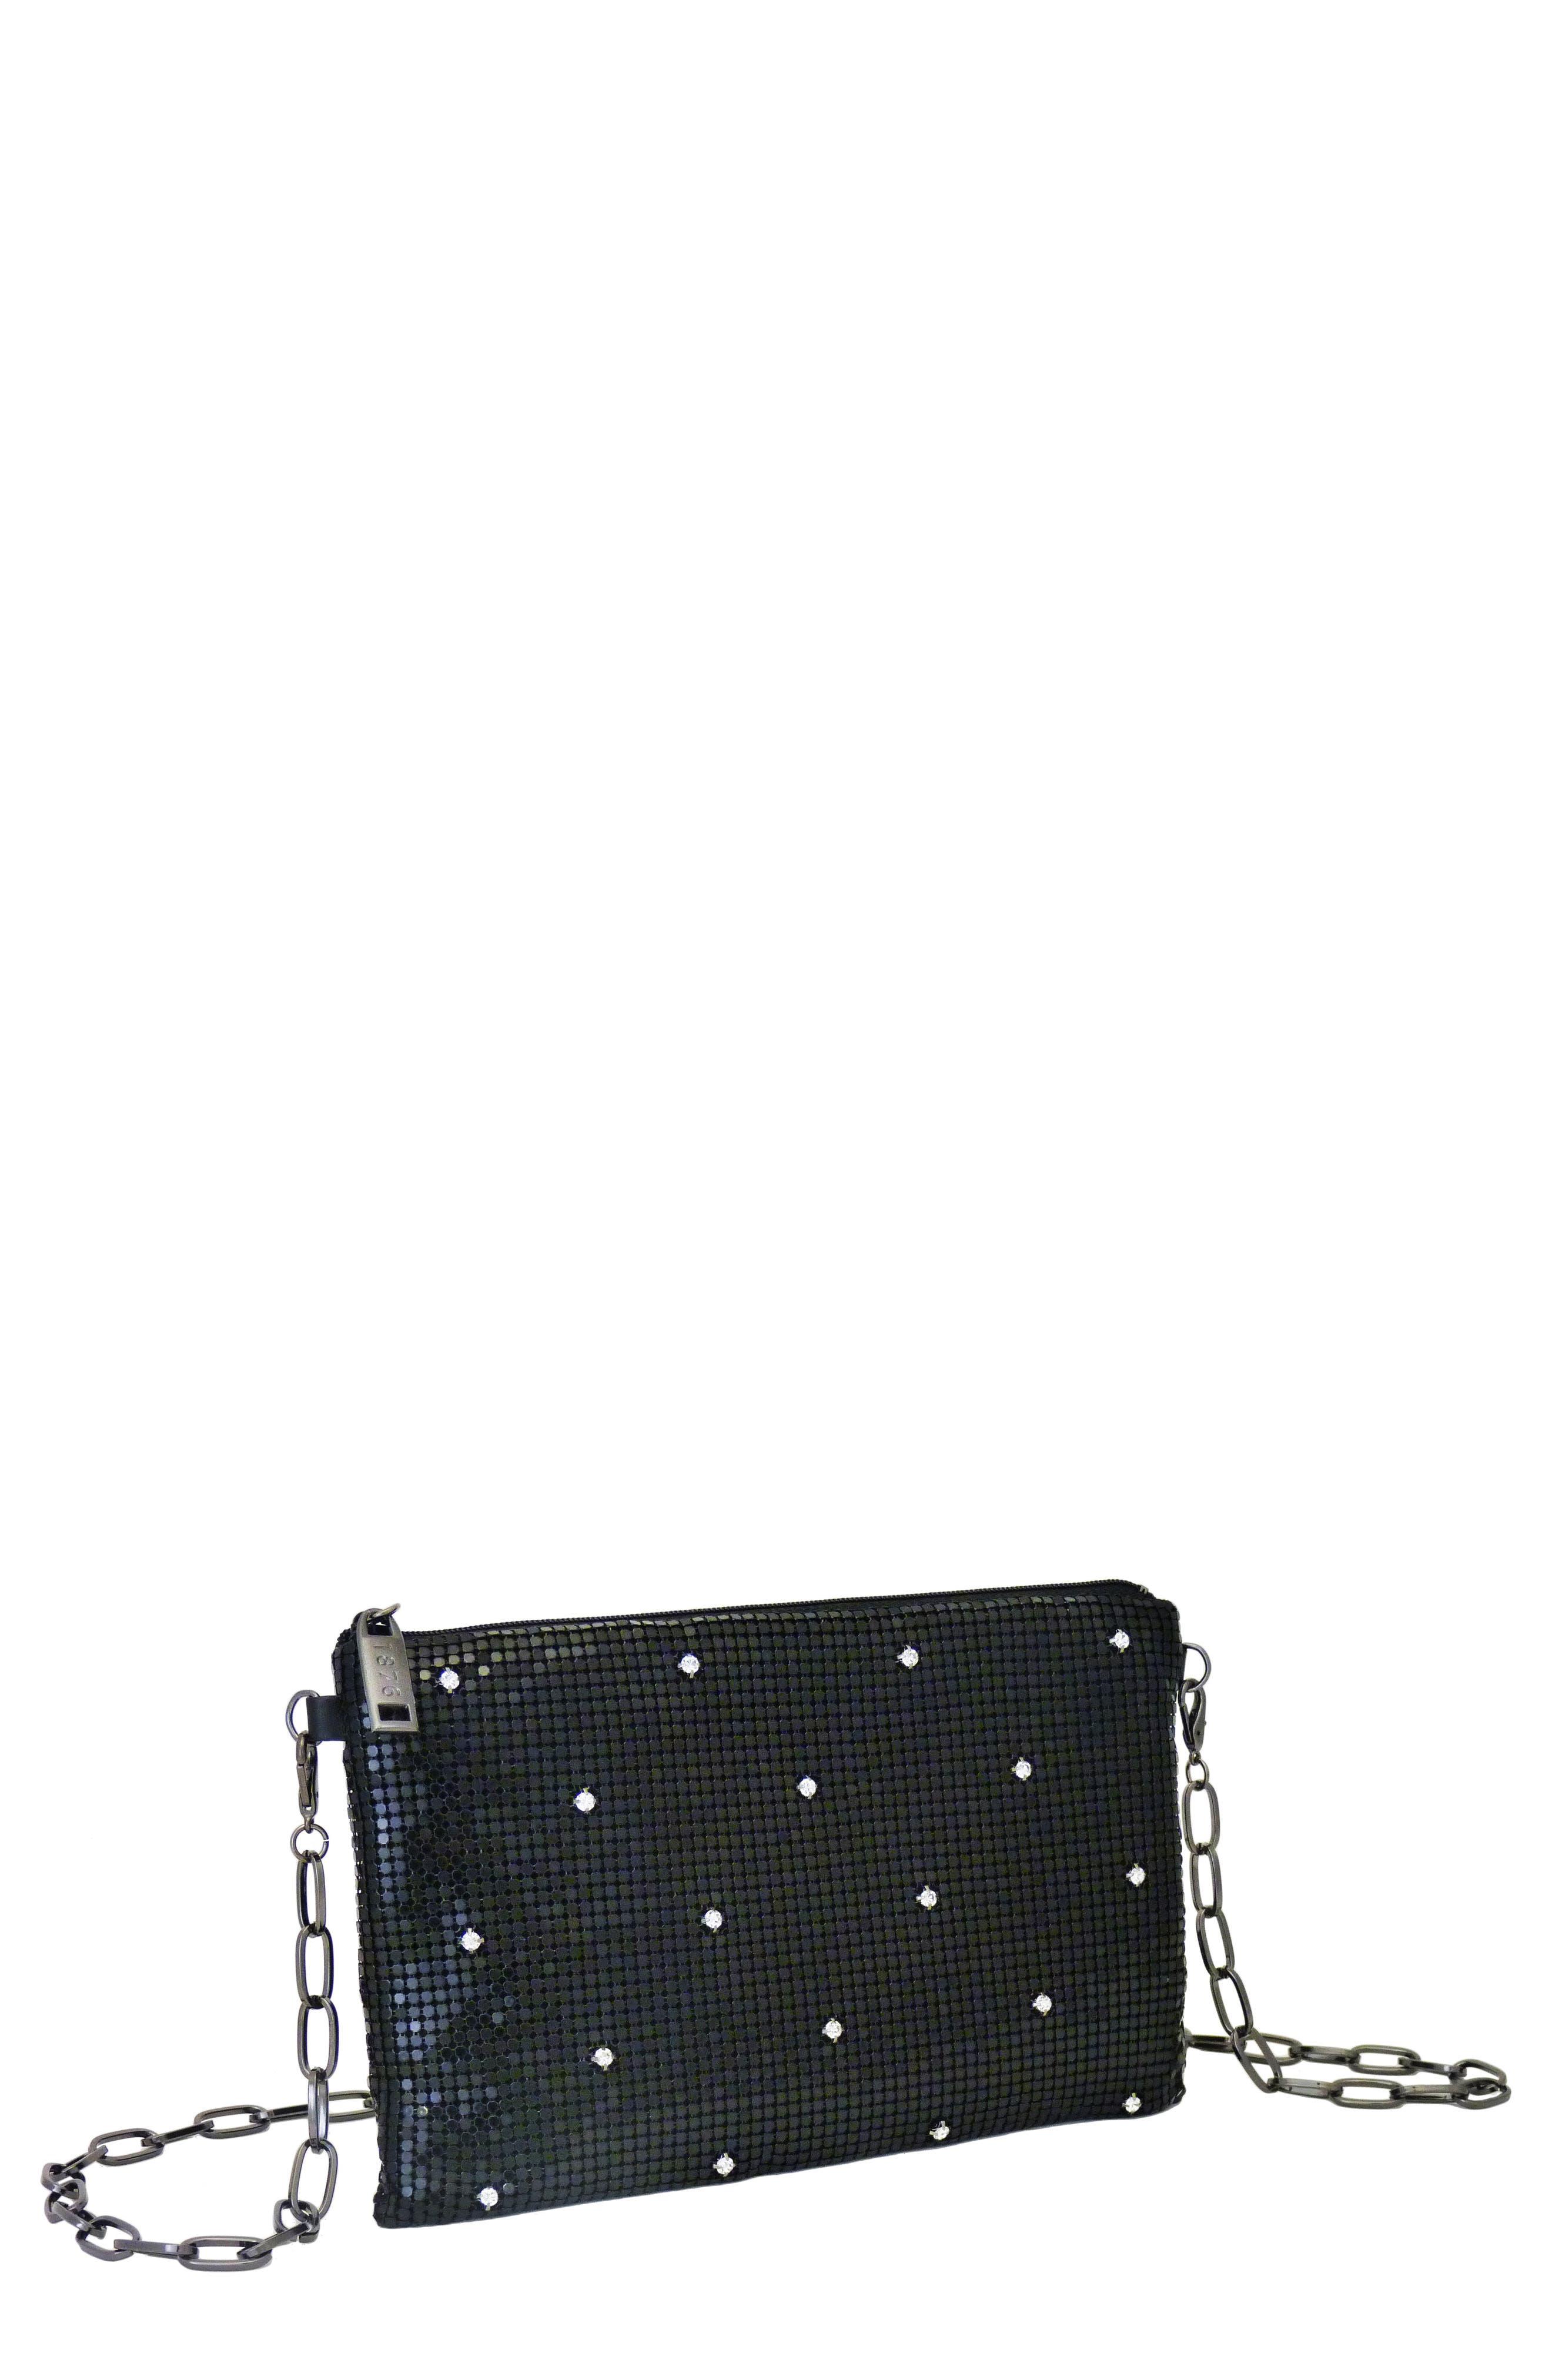 WHITING & DAVIS Crystal Belt Bag - Black